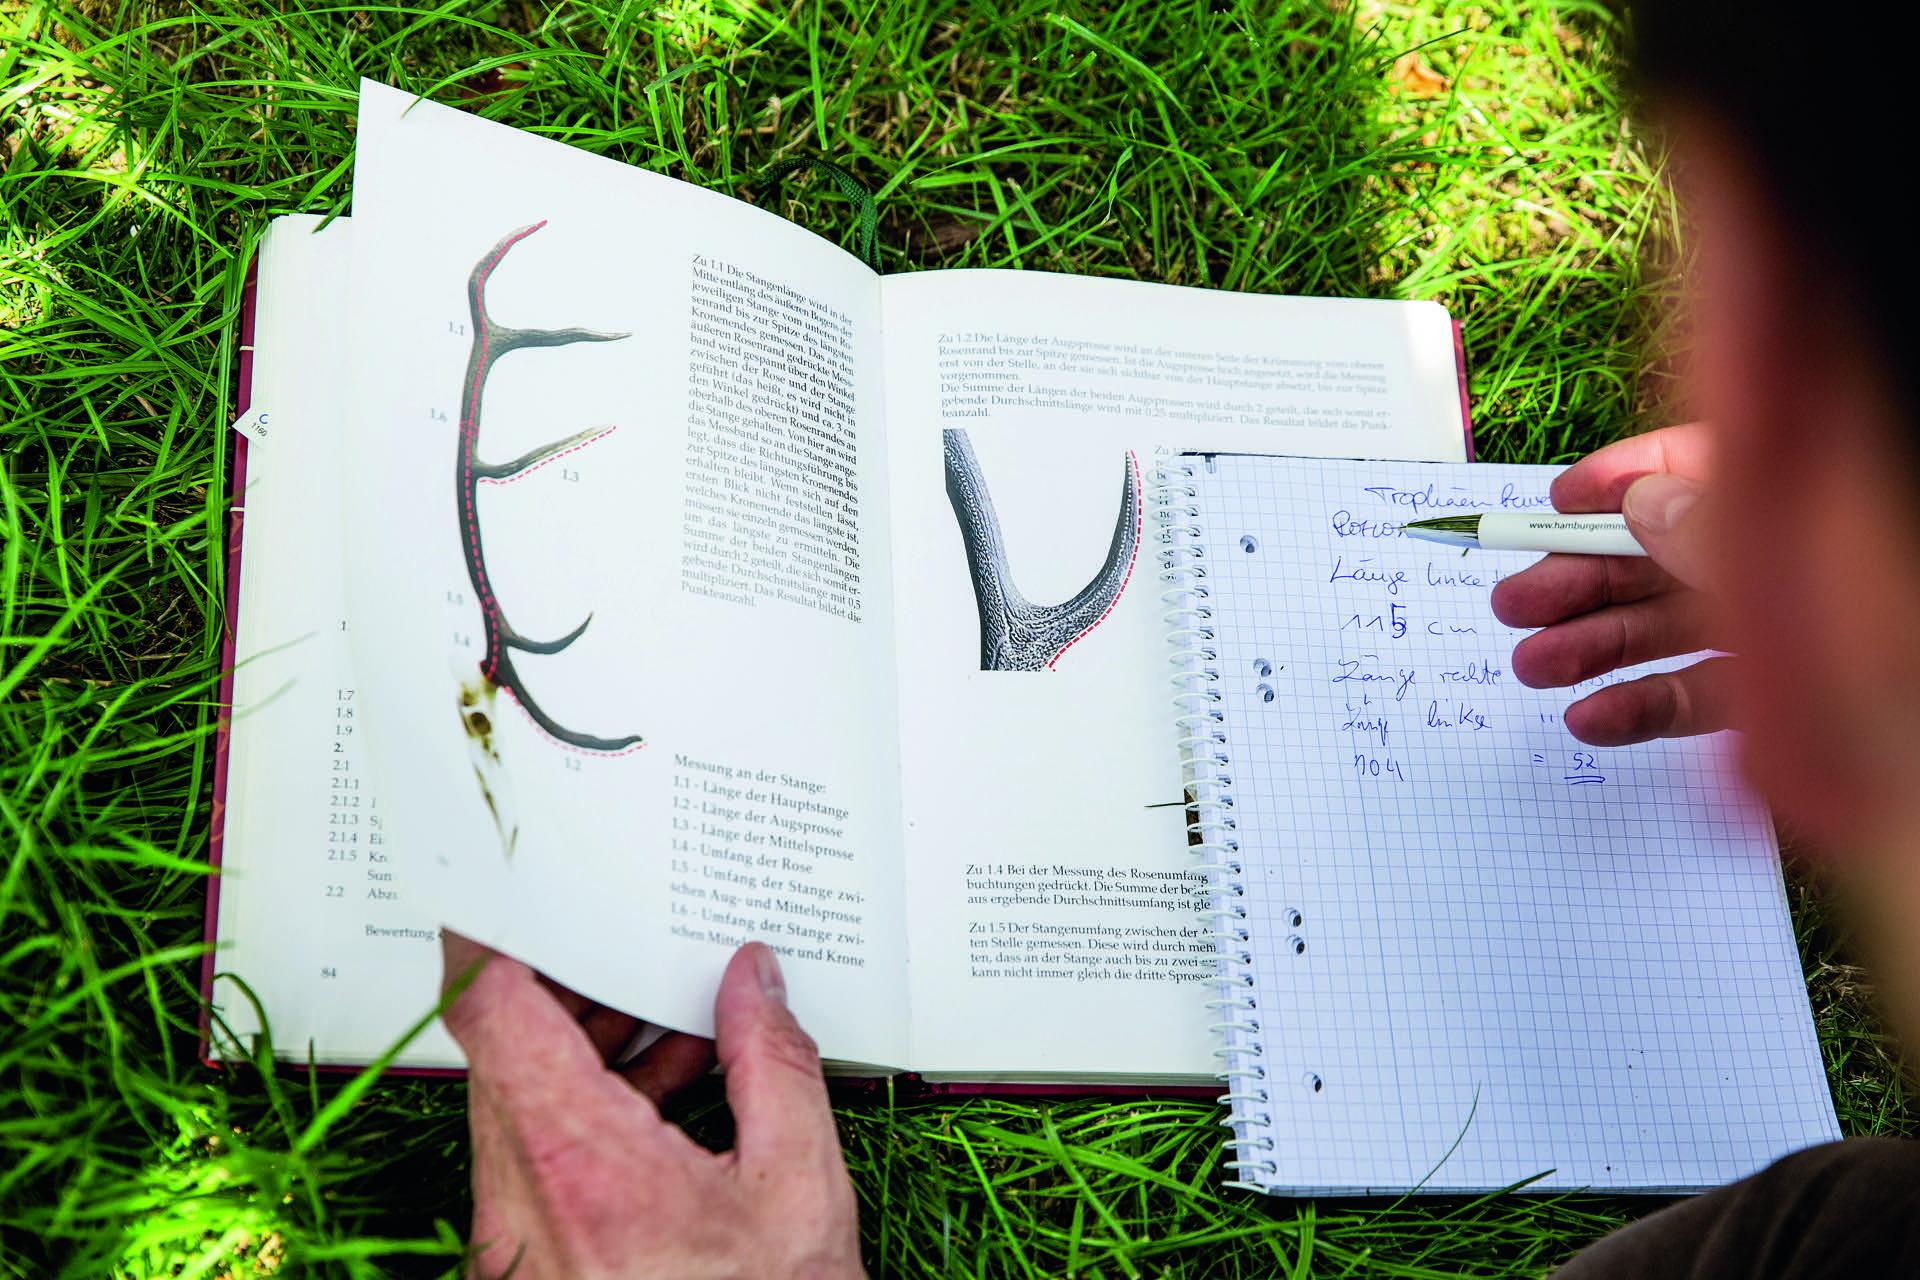 9_Zusammenrechnen jaegermagazin Trophäen Rothirsch auspunkten CIC